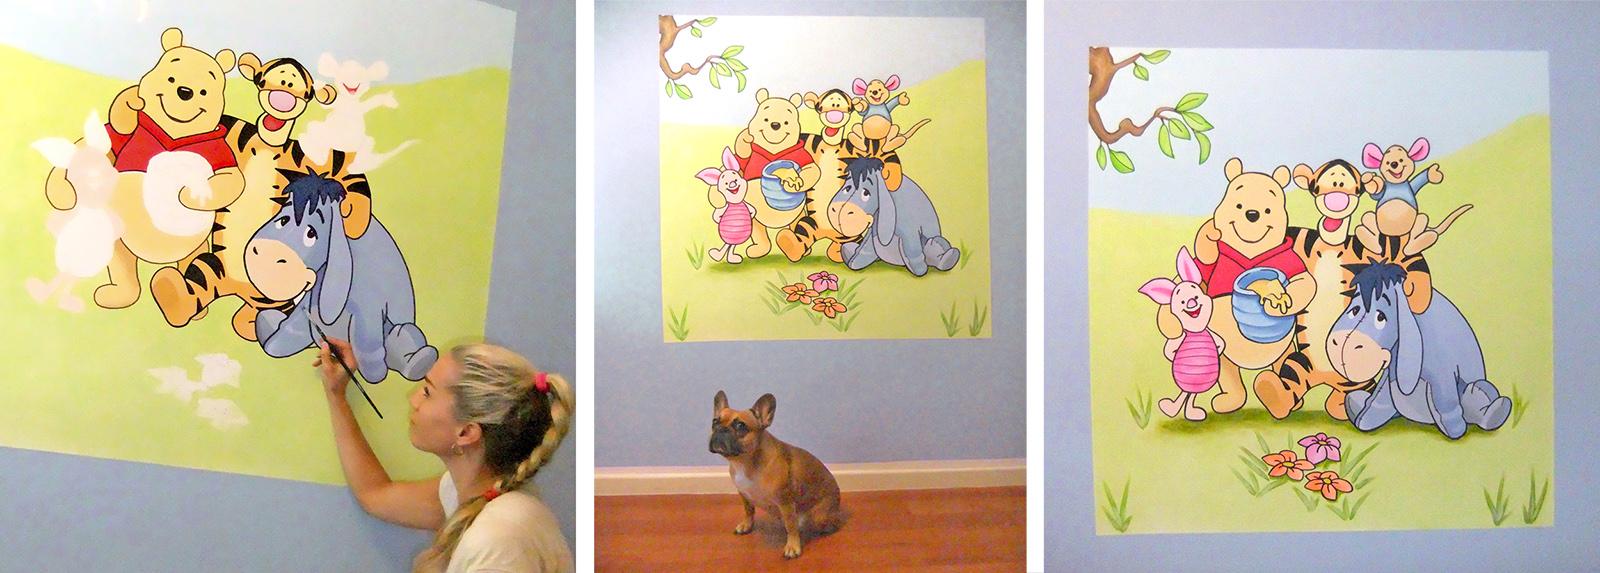 Kinderzimmer wandgestaltung dschungelbuch  Wandtattoo Babyzimmer Winnie Pooh: Roommates wandtattoo »super ...